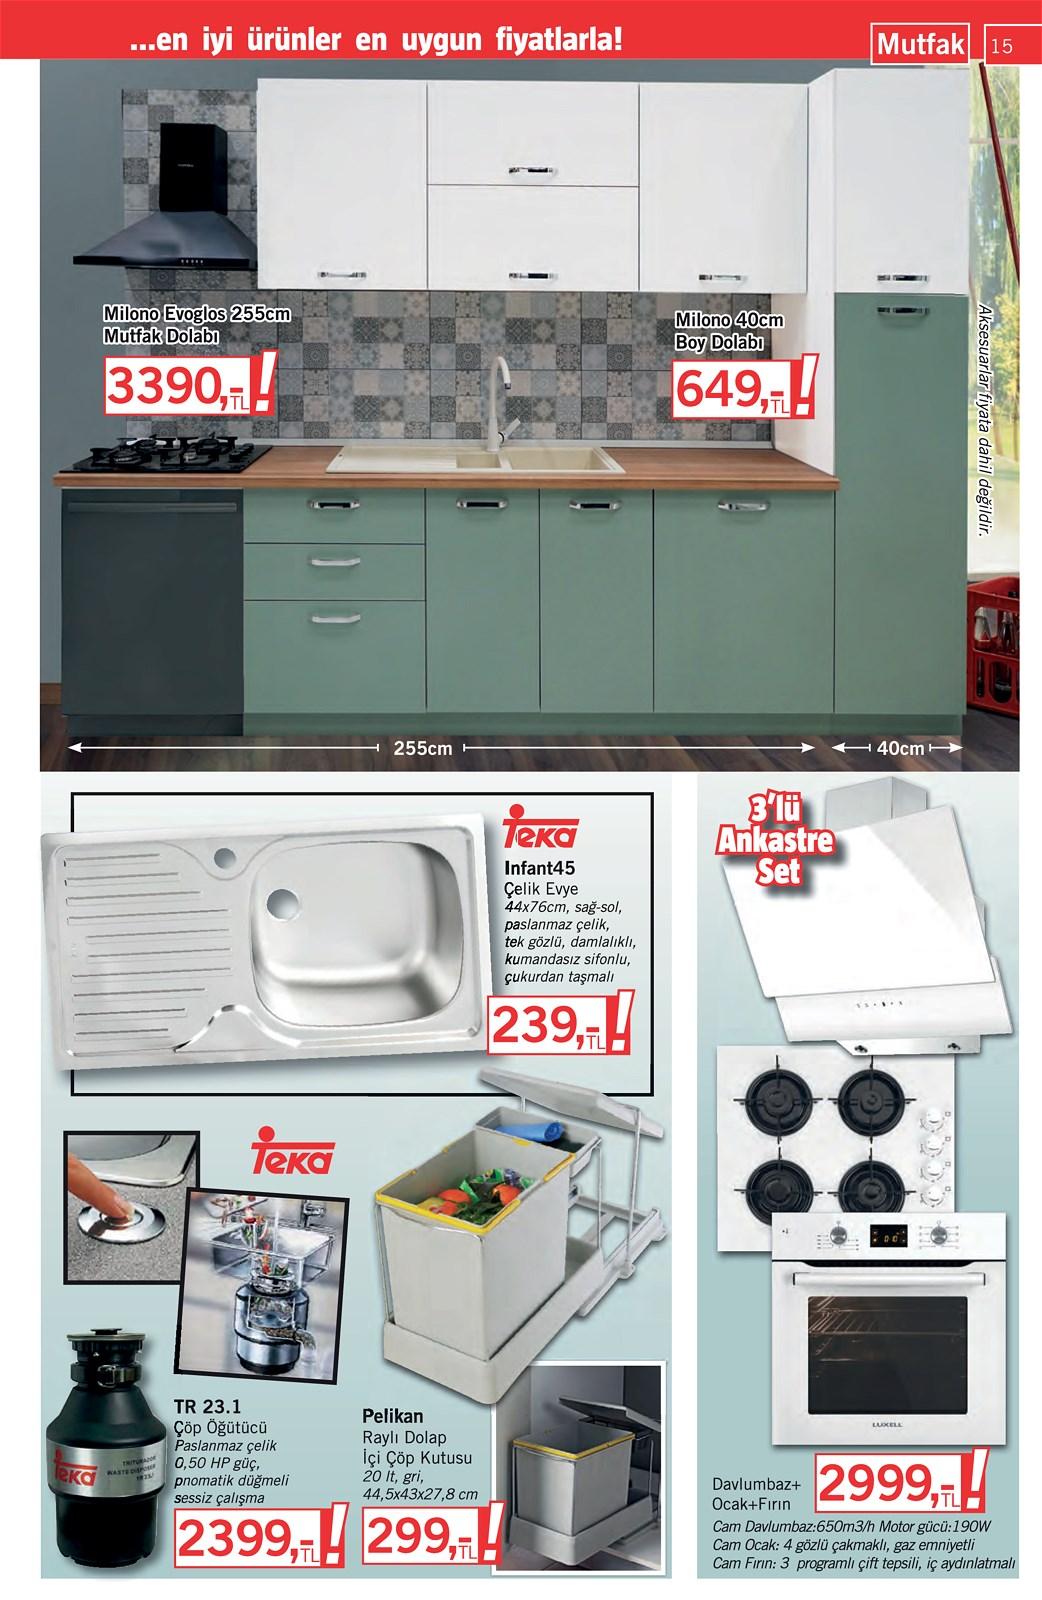 25.09.2021 Bauhaus broşürü 15. sayfa